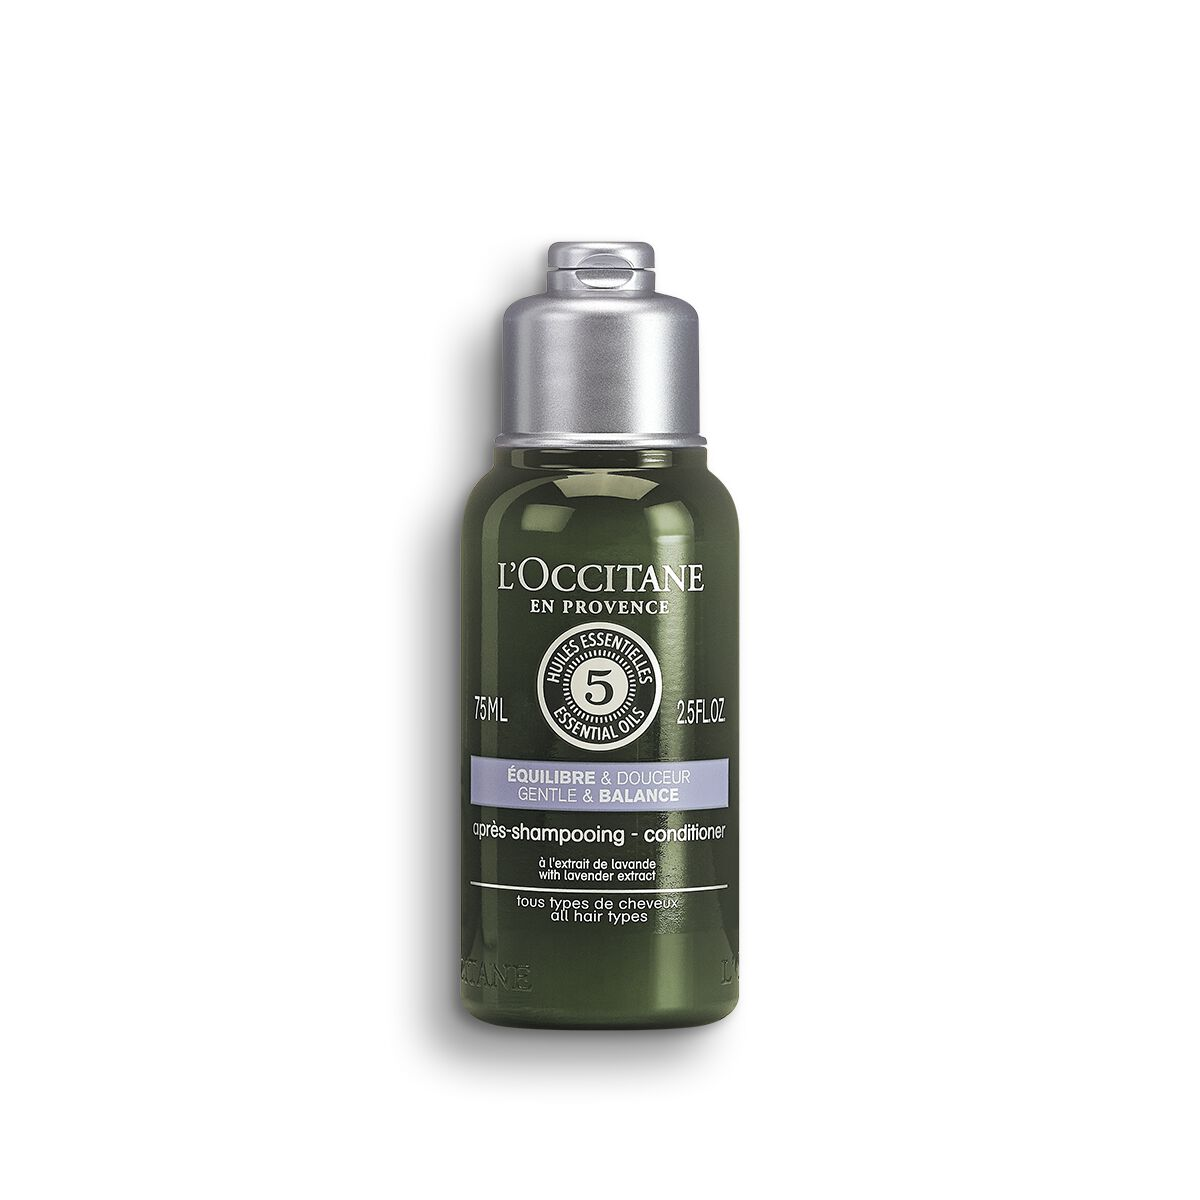 Aromachologie Gentle & Balance Conditioner 75 ml.